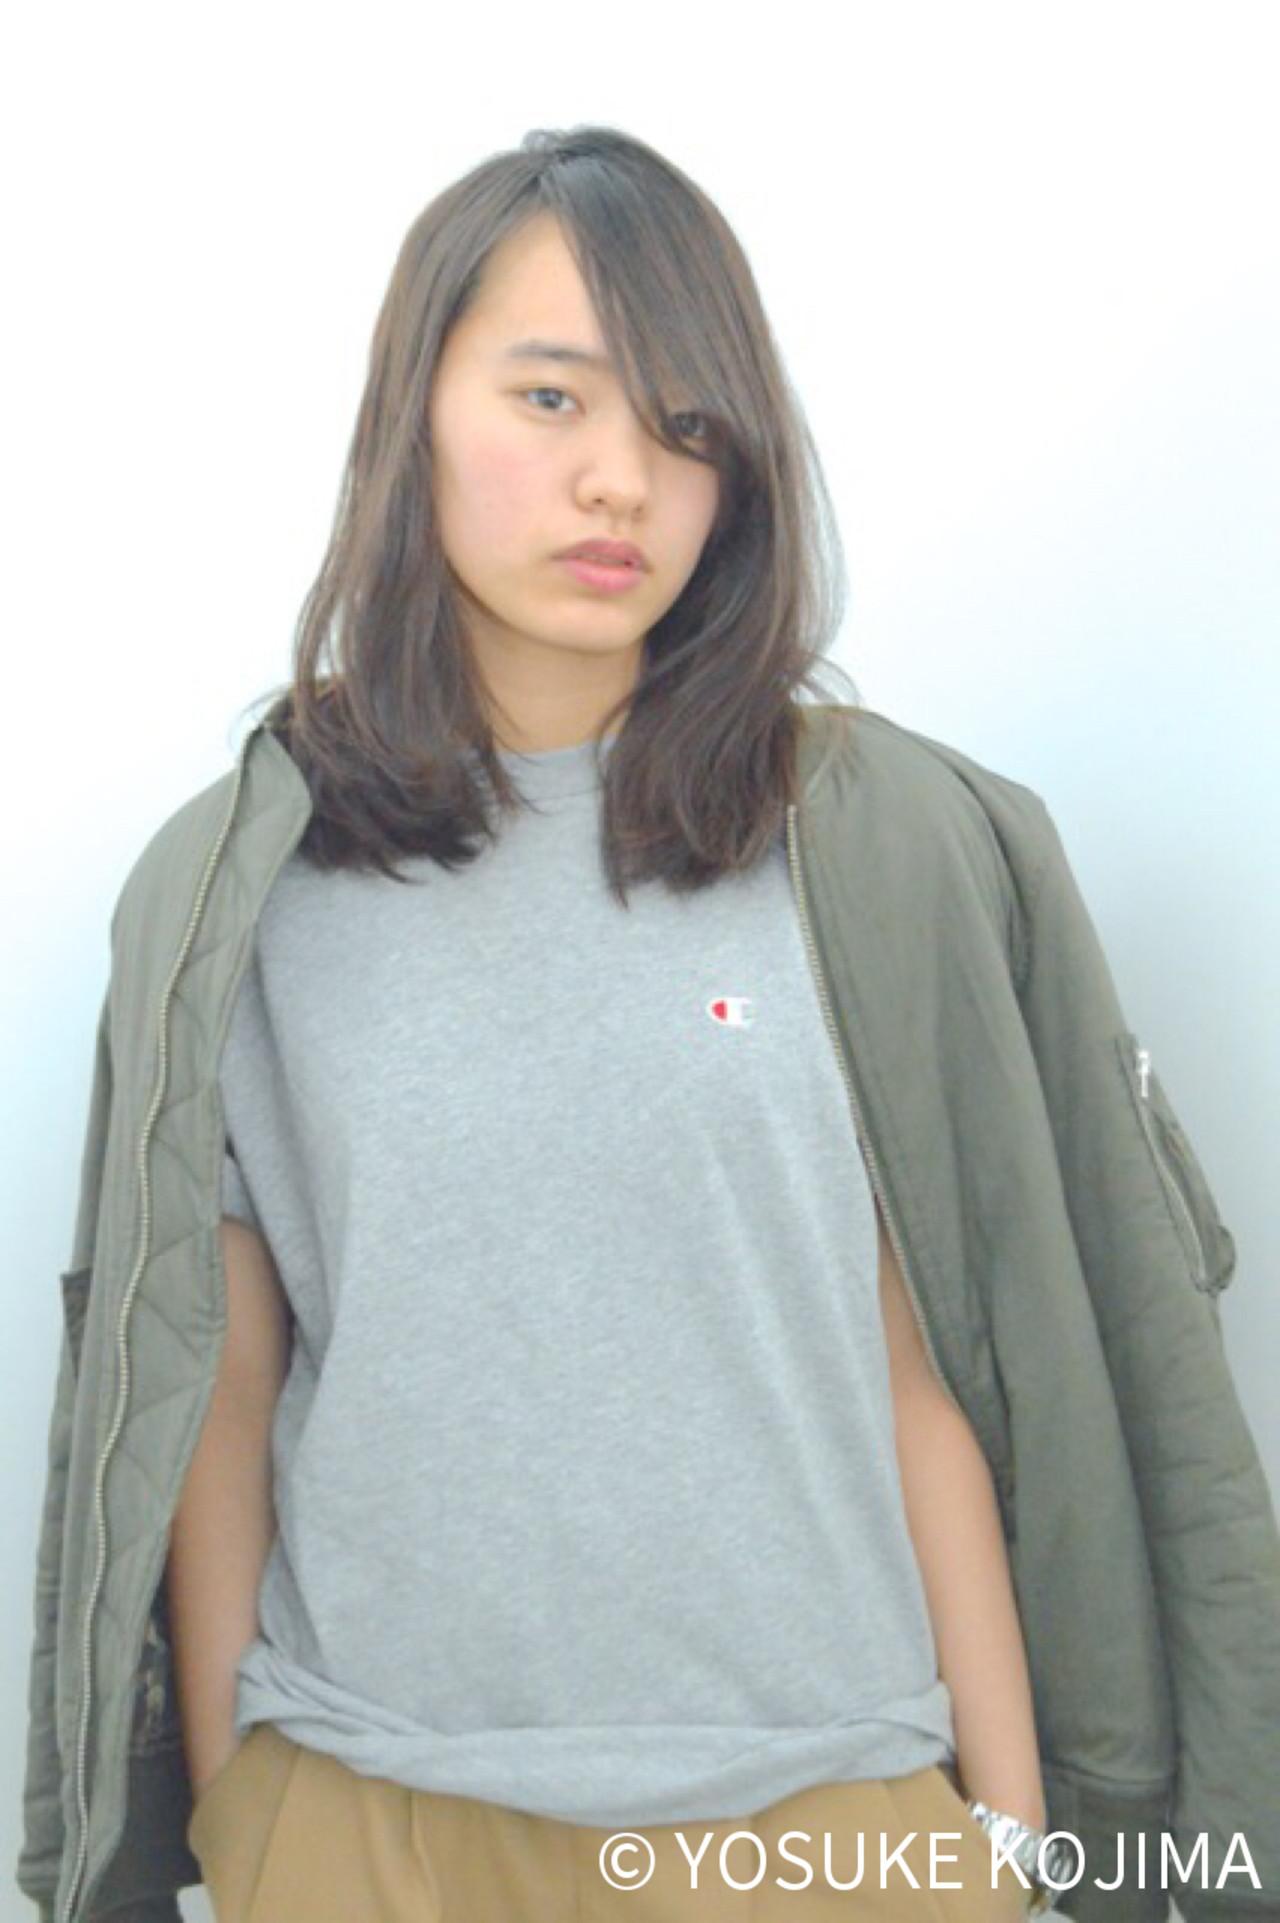 大人女子 ミディアム 暗髪 ナチュラル ヘアスタイルや髪型の写真・画像